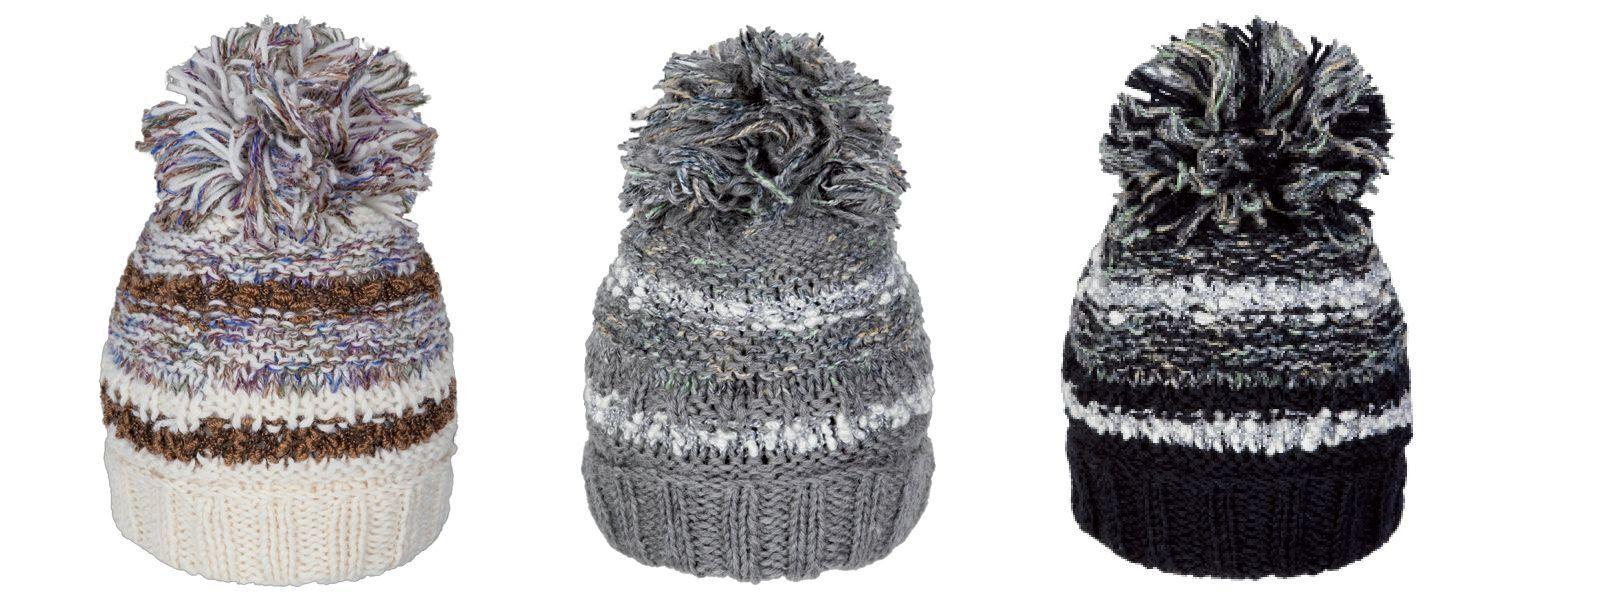 Lhotse Ymir invierno gorro interior interior interior plenamente gefleect muy cálido y Resplandecería PVP 29,95  autorización oficial